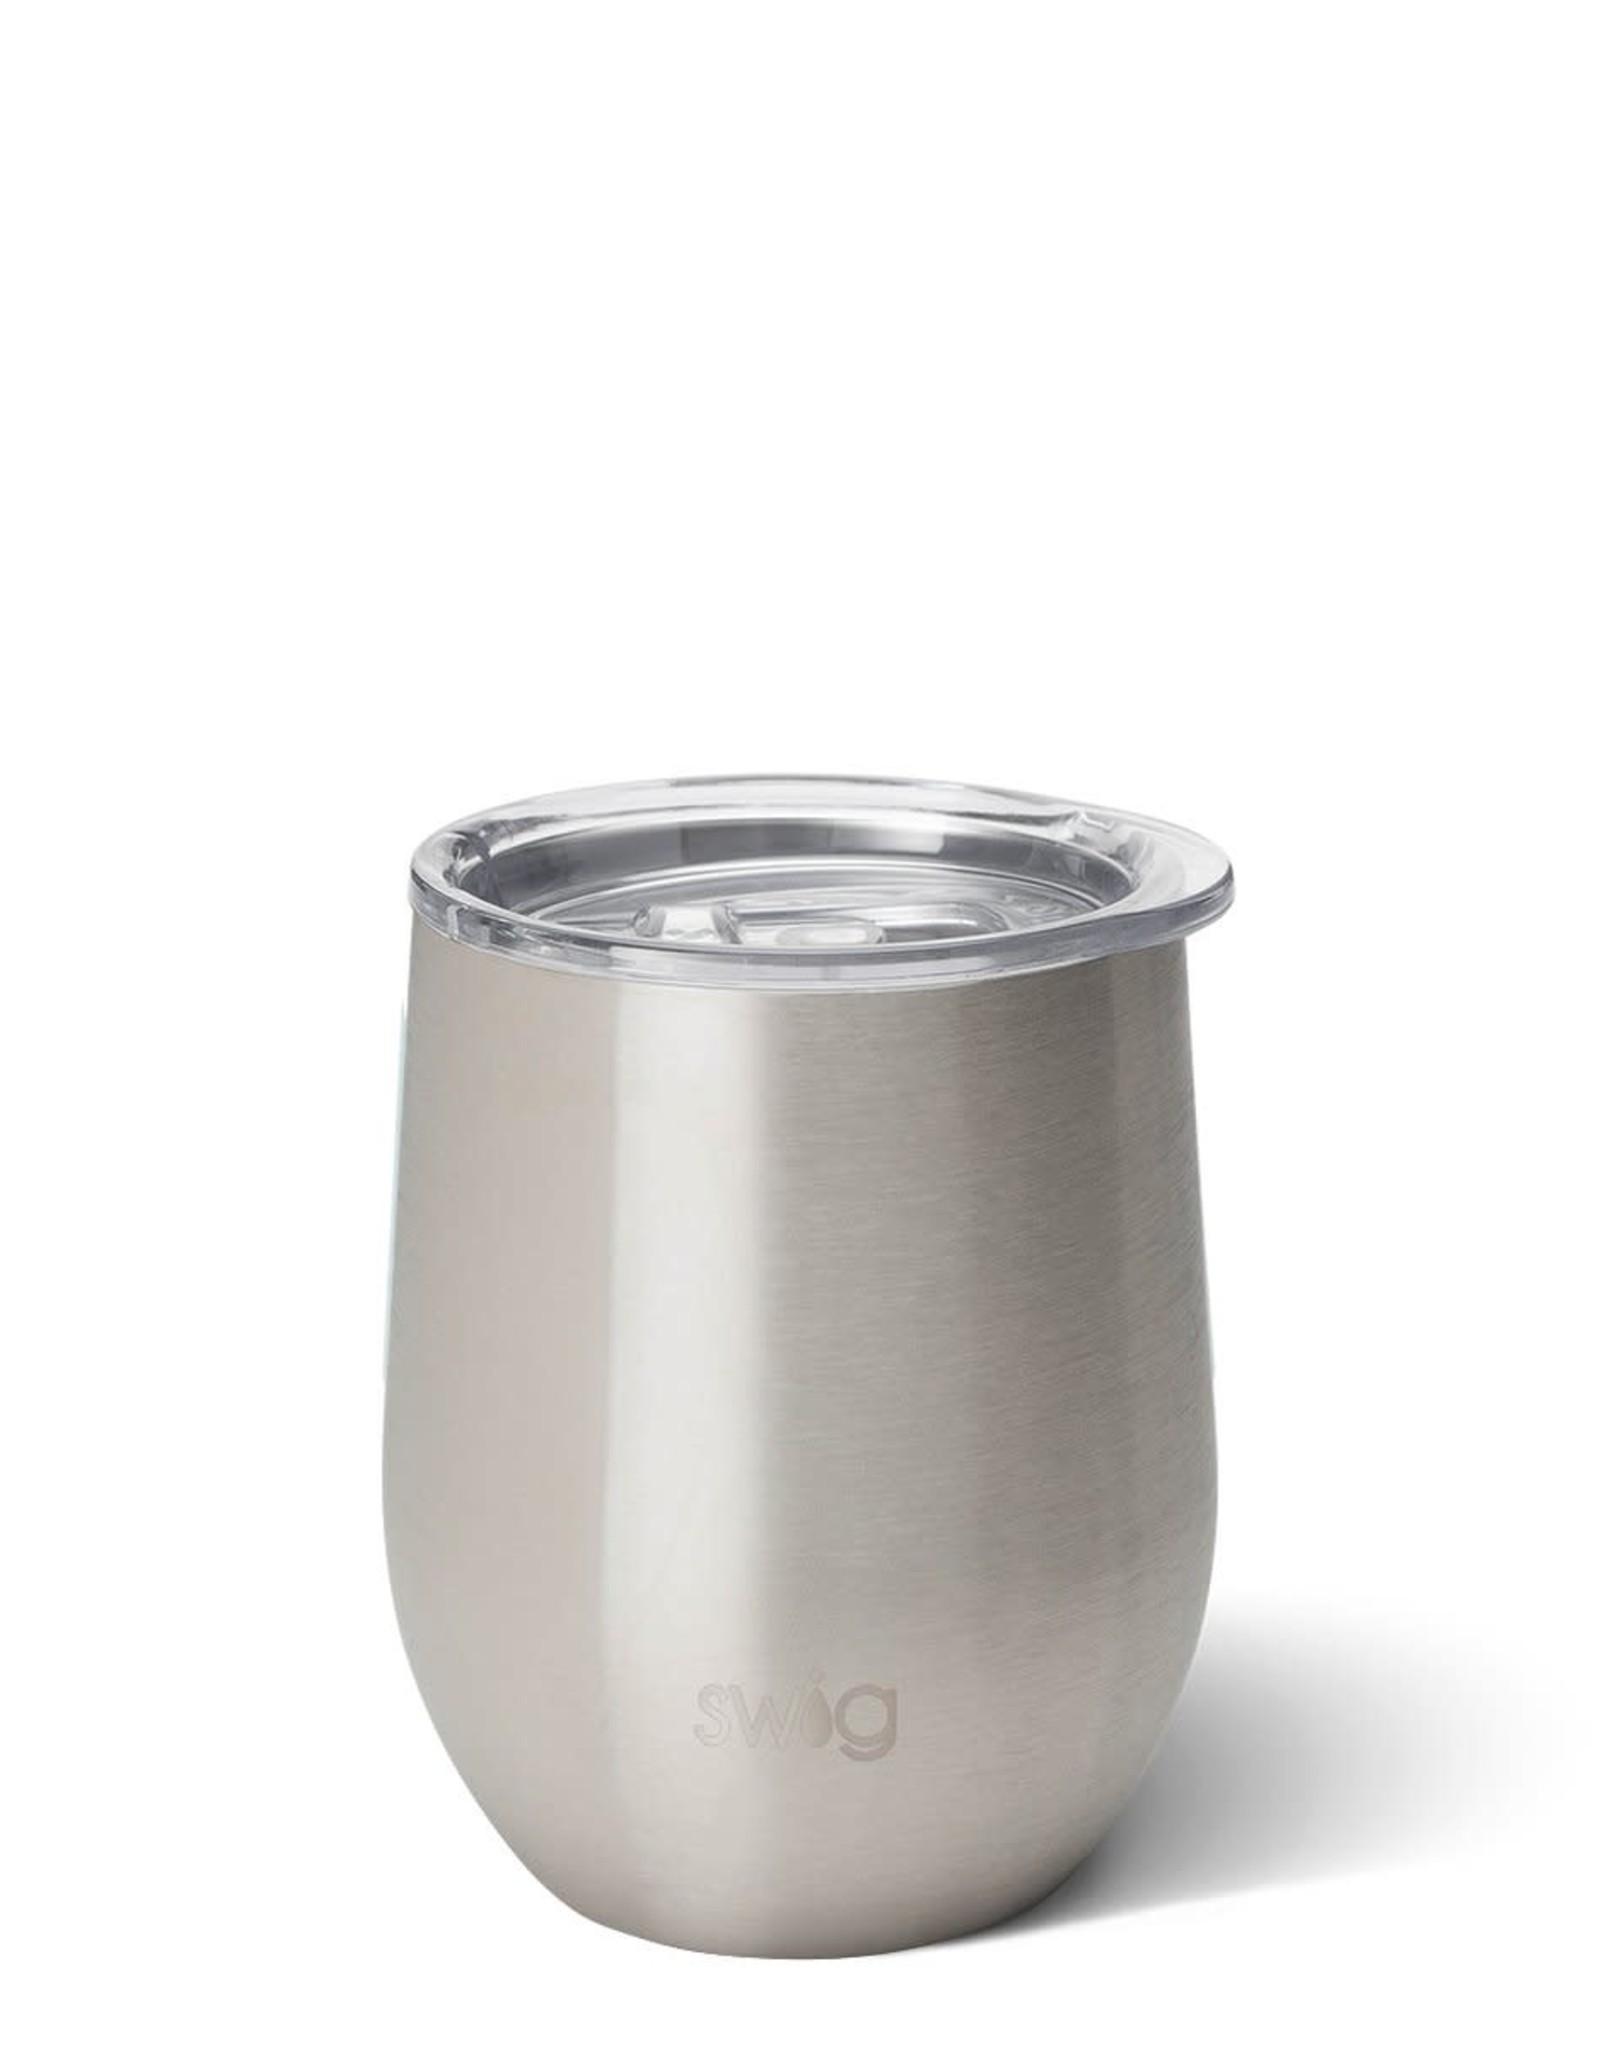 Swig Swig Drinkware Stainless Steel